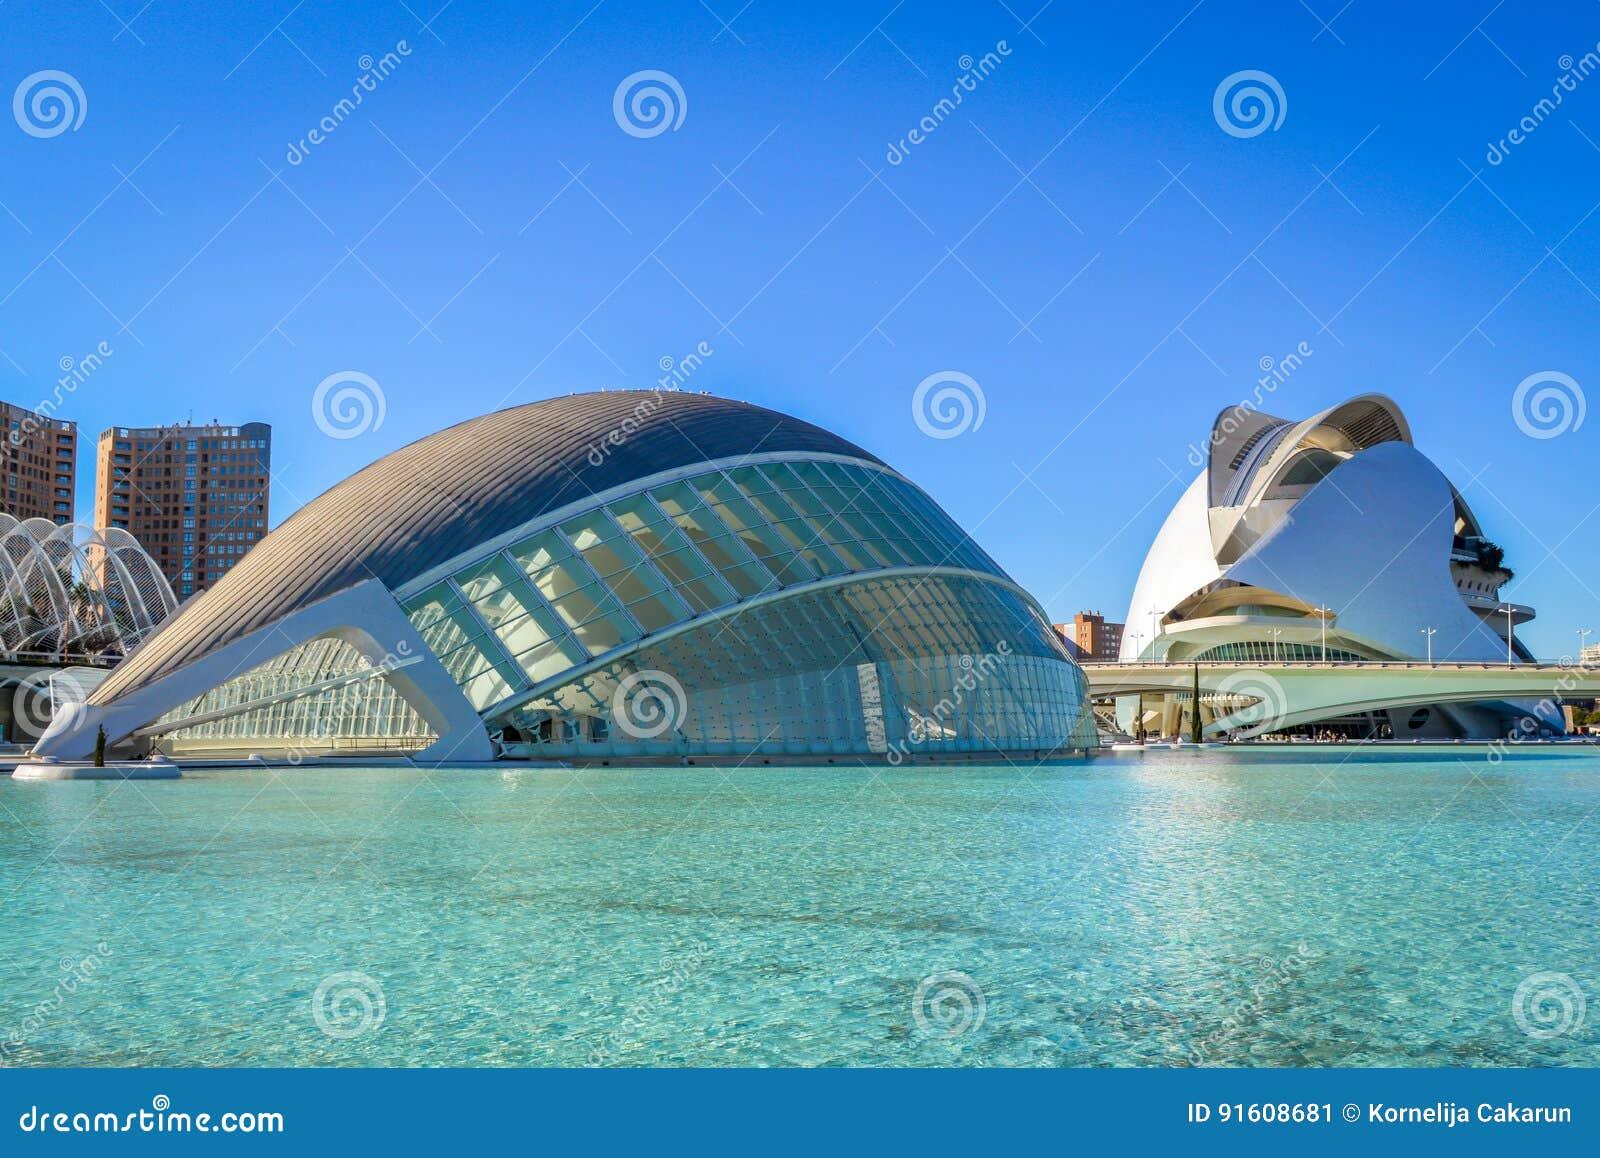 Η πόλη των τεχνών και των επιστημών, Βαλένθια, Ισπανία - το Hemisferic και το Παλάου de les Arts